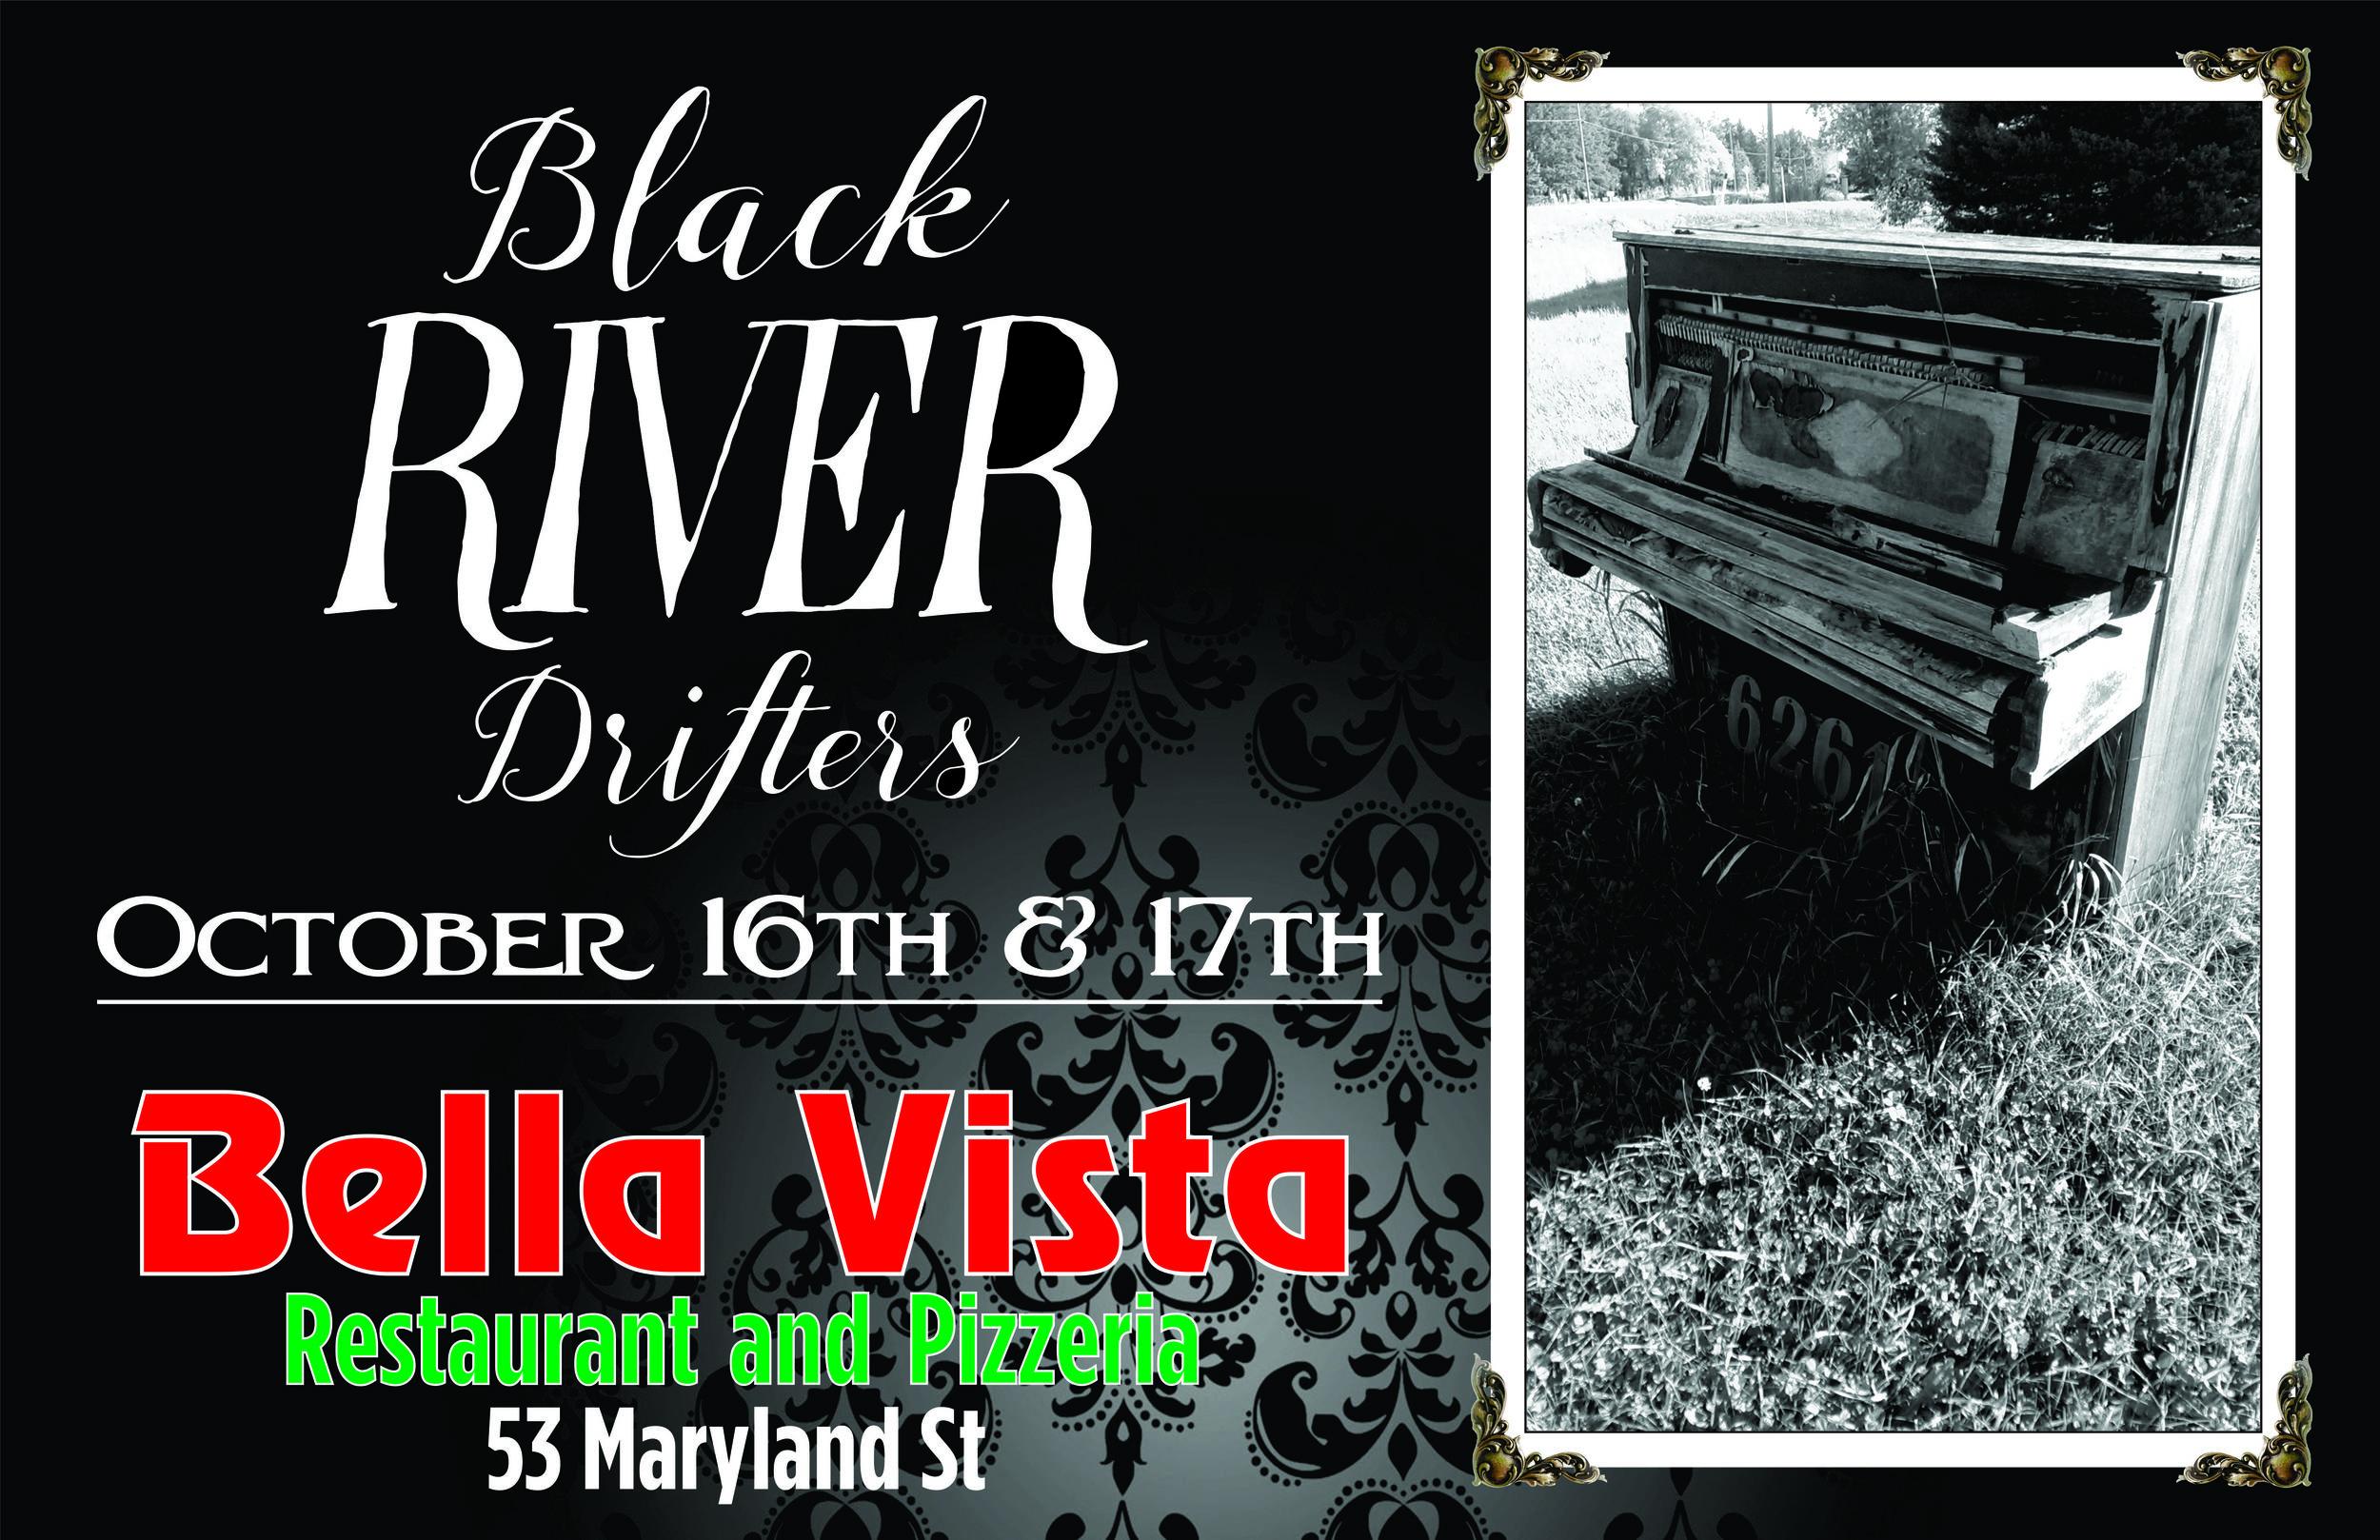 BRD Bella Vista Oct 16 17.jpg